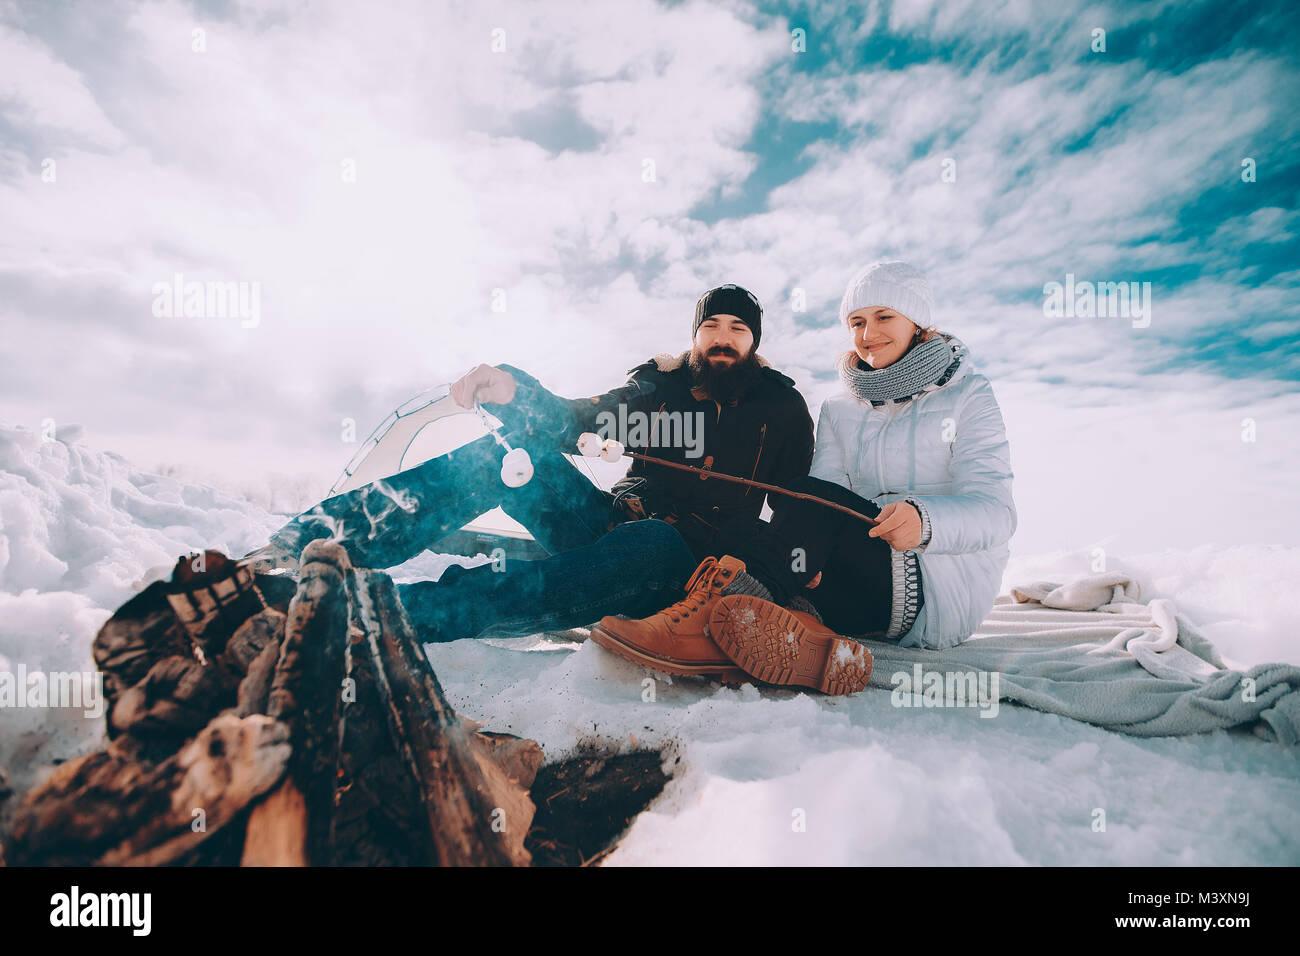 Rôti amoureux sur un feu de camp à la guimauve Photo Stock